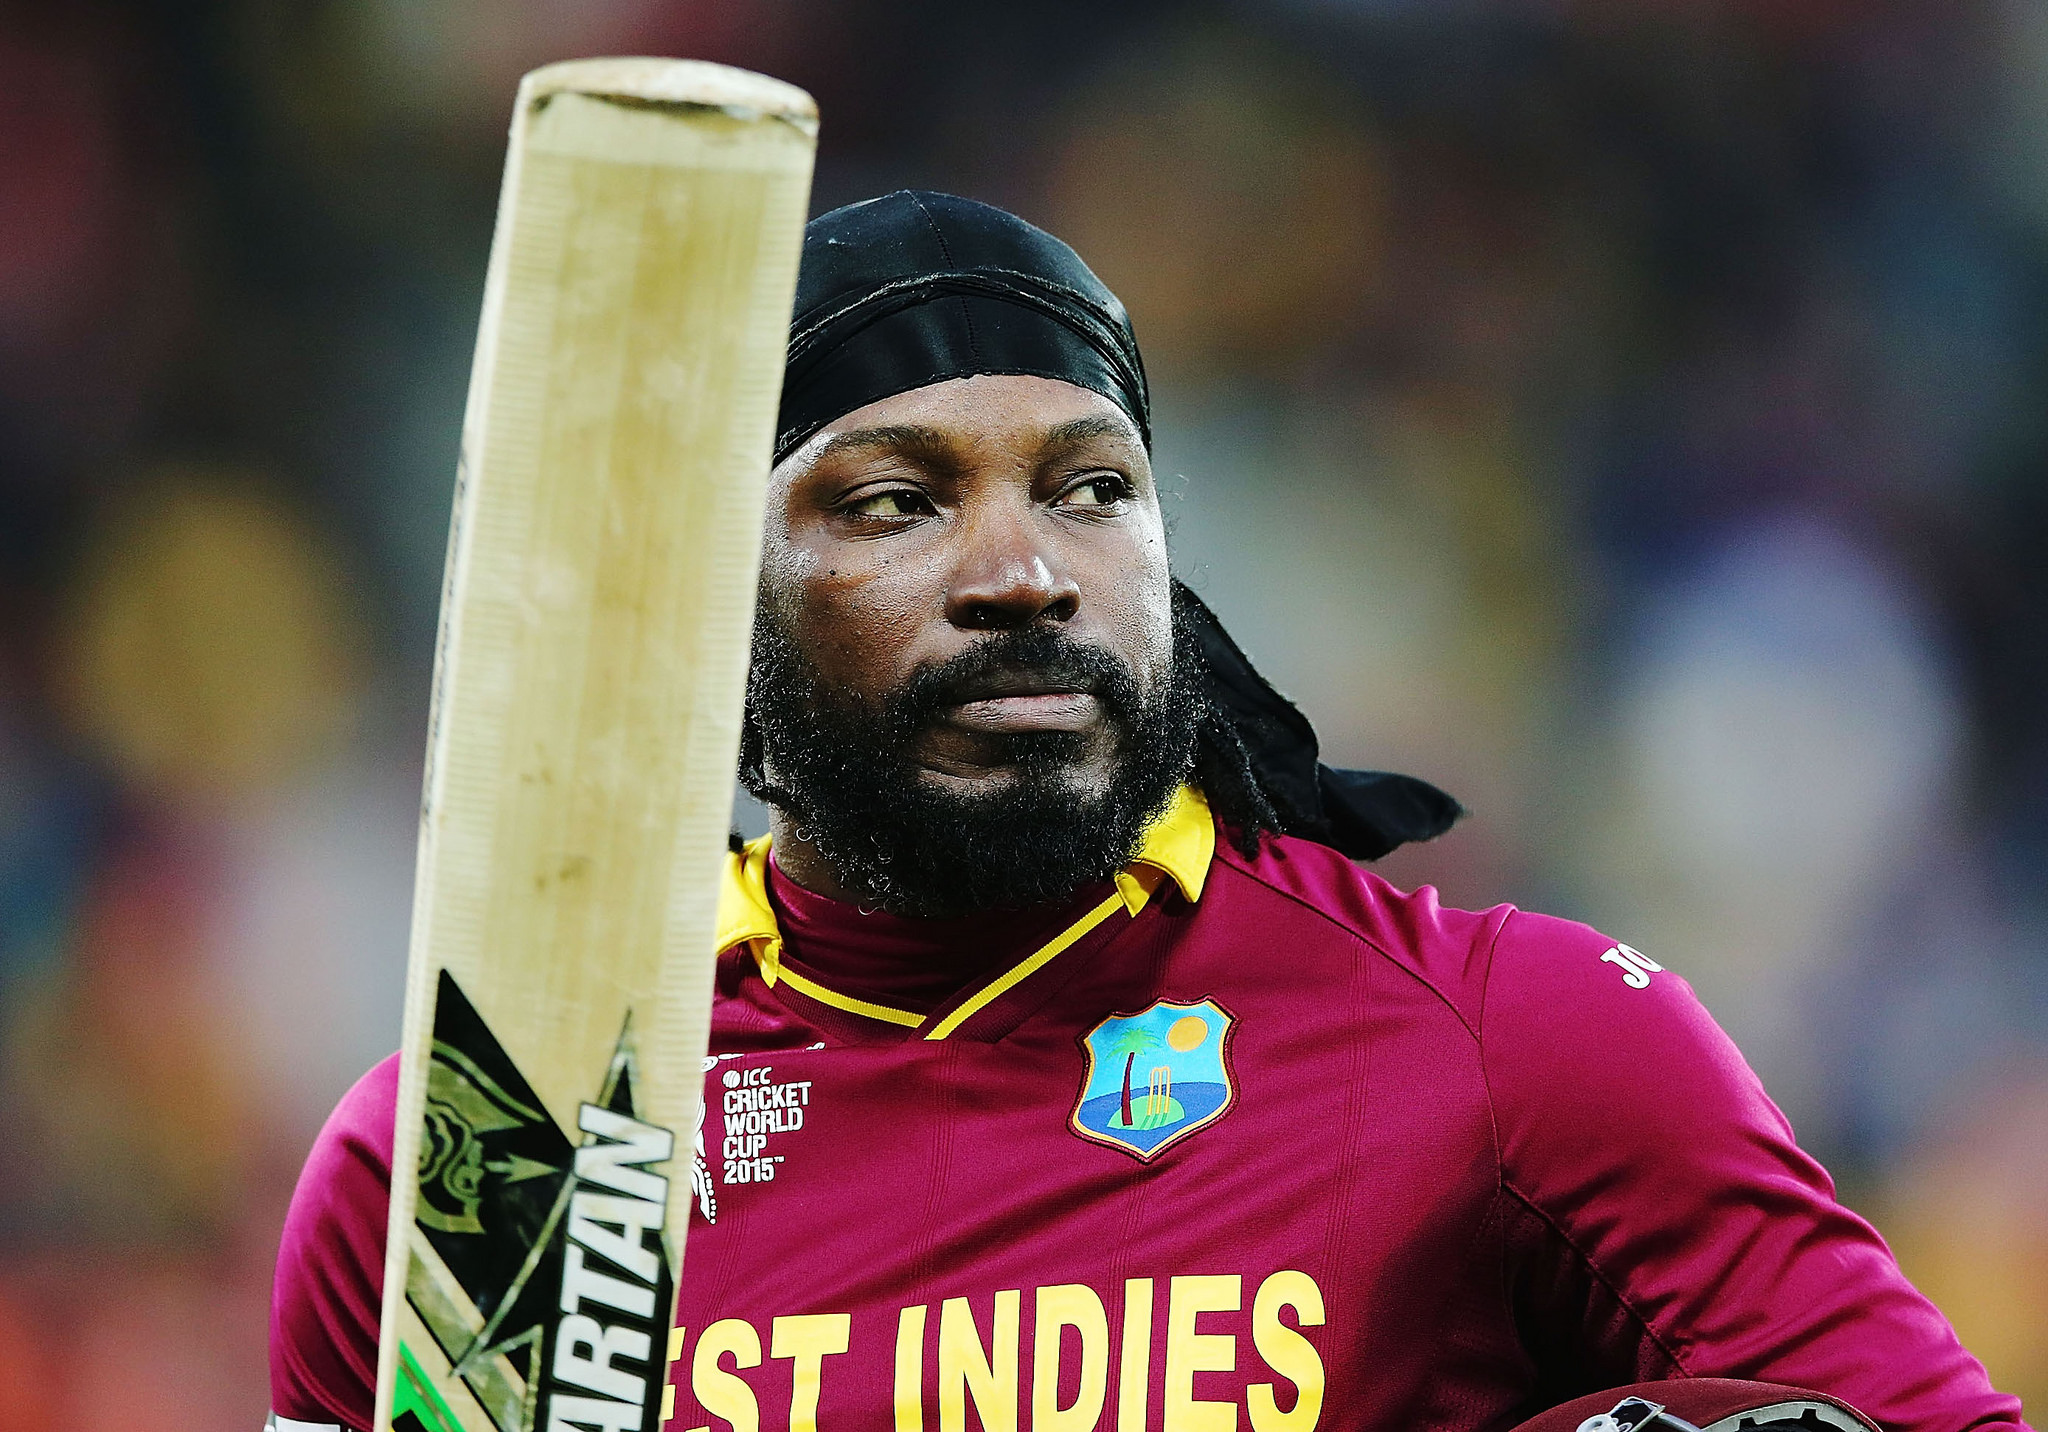 ये हैं विश्व के 10 सबसे आलसी क्रिकेटर, लिस्ट में 3 भारतीय शामिल 2